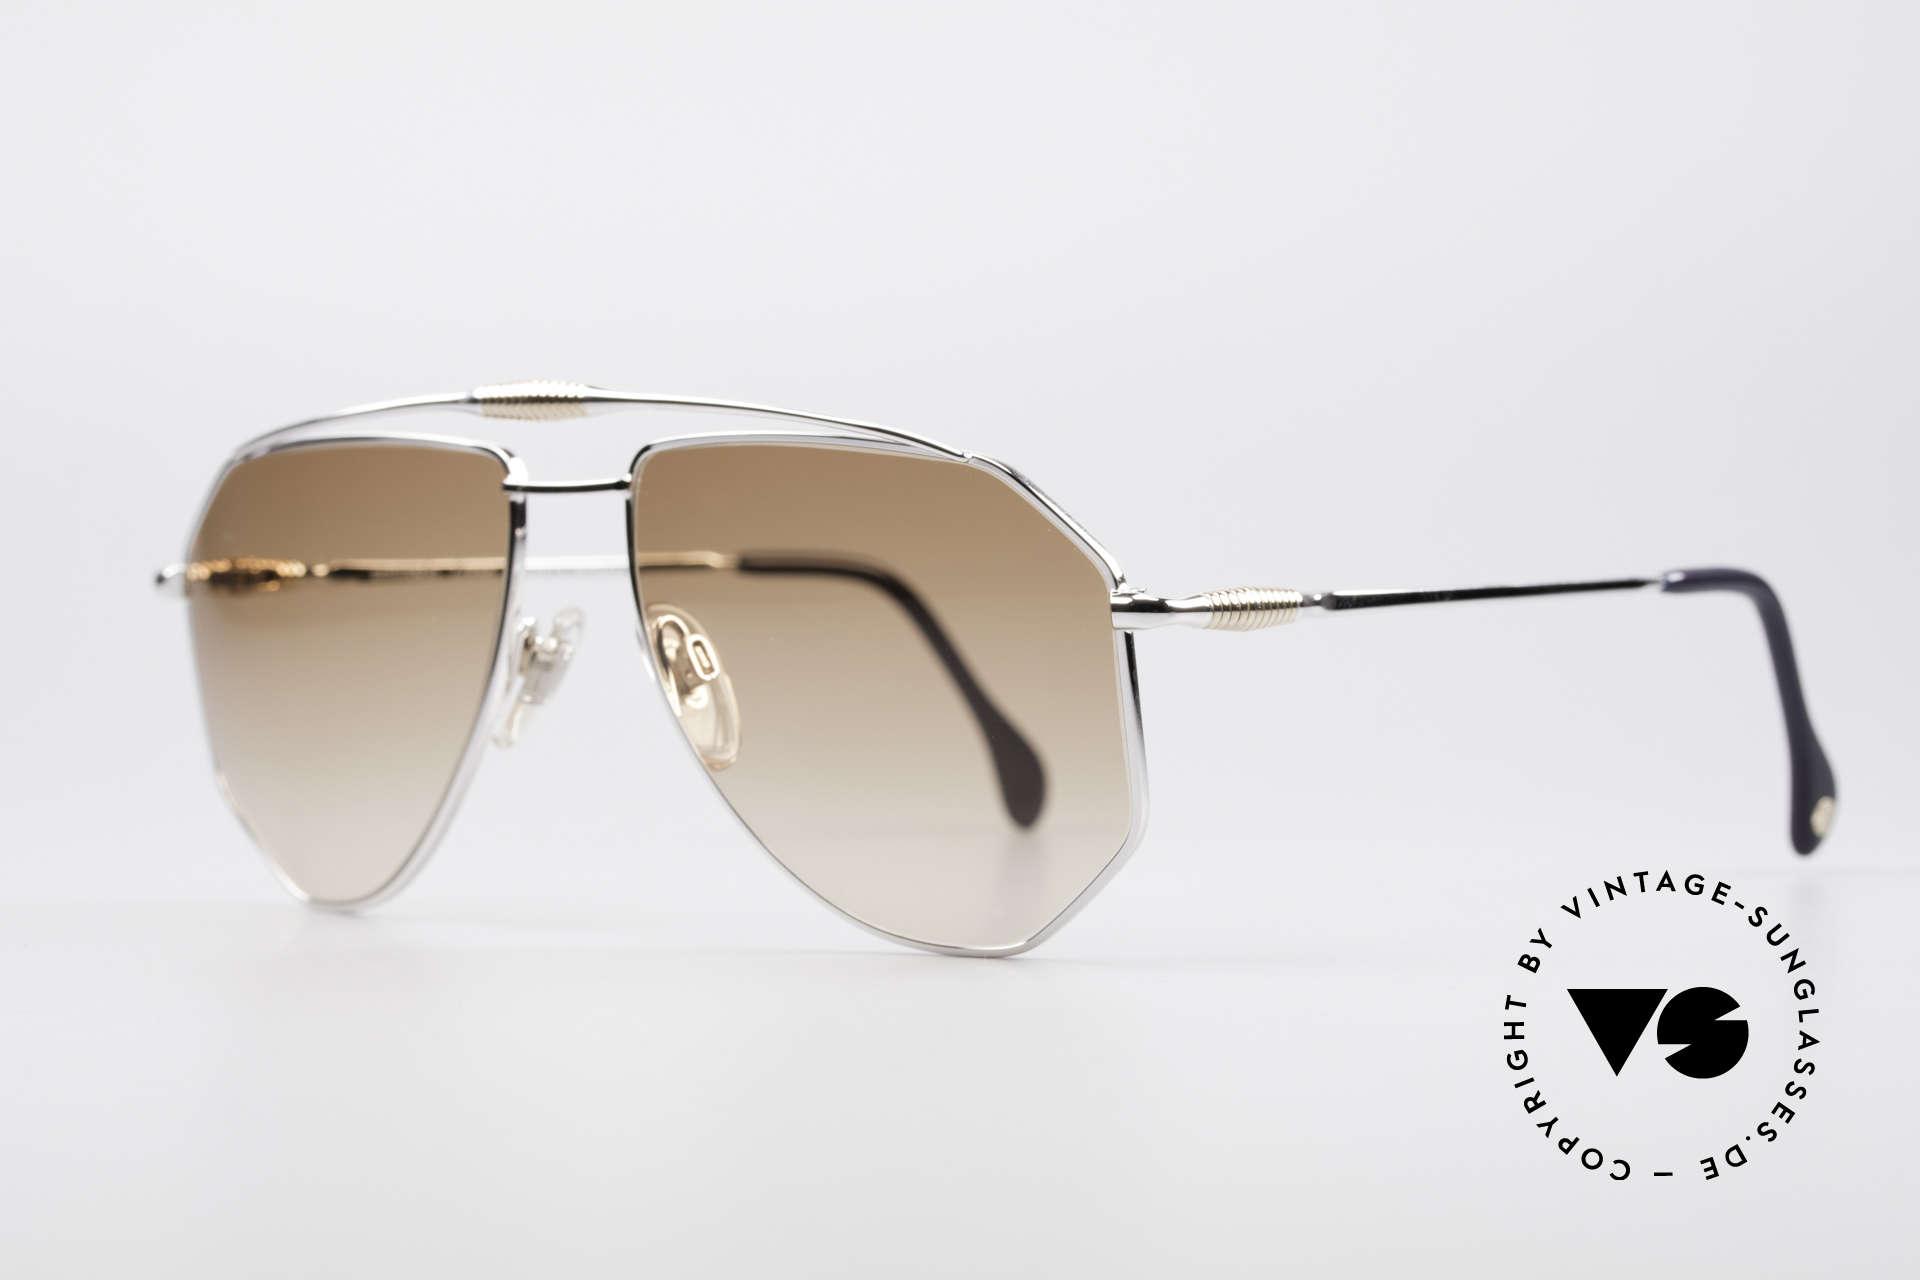 Zollitsch Cadre 120 Large 80er Sonnenbrille, interessante Alternative zur gewöhnlichen Pilotenform, Passend für Herren